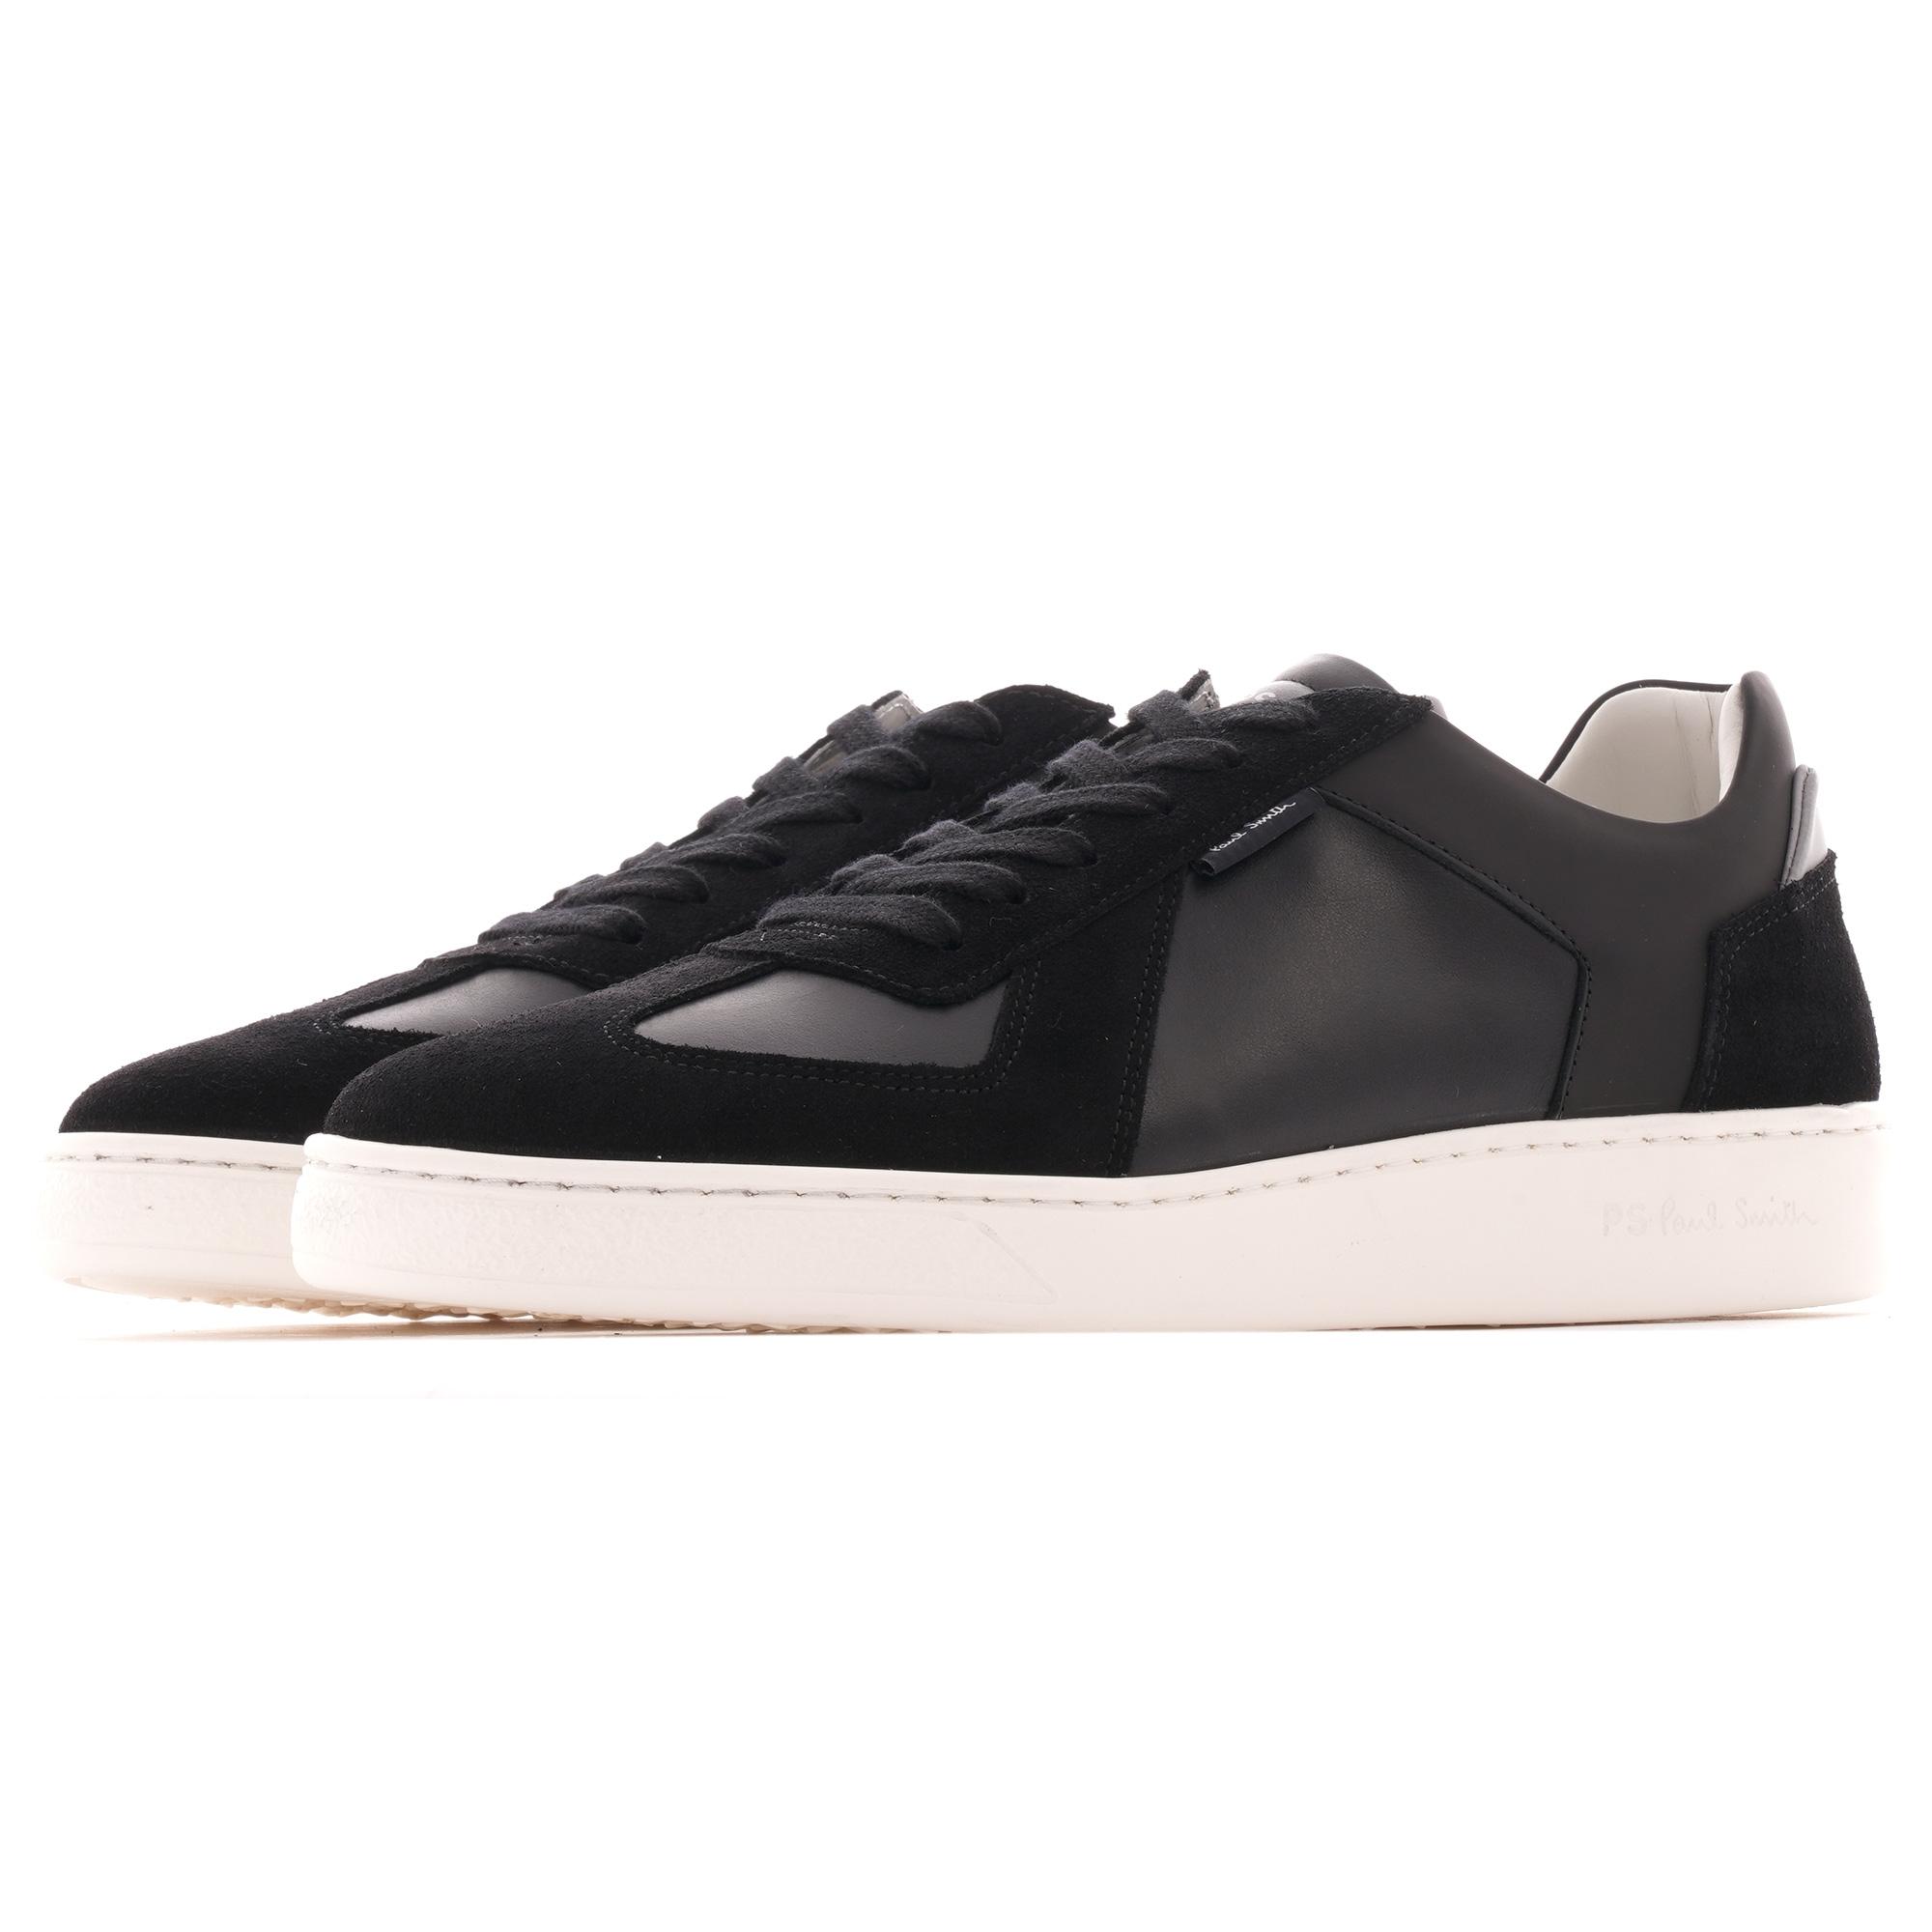 Image of Cross sneakers - Black